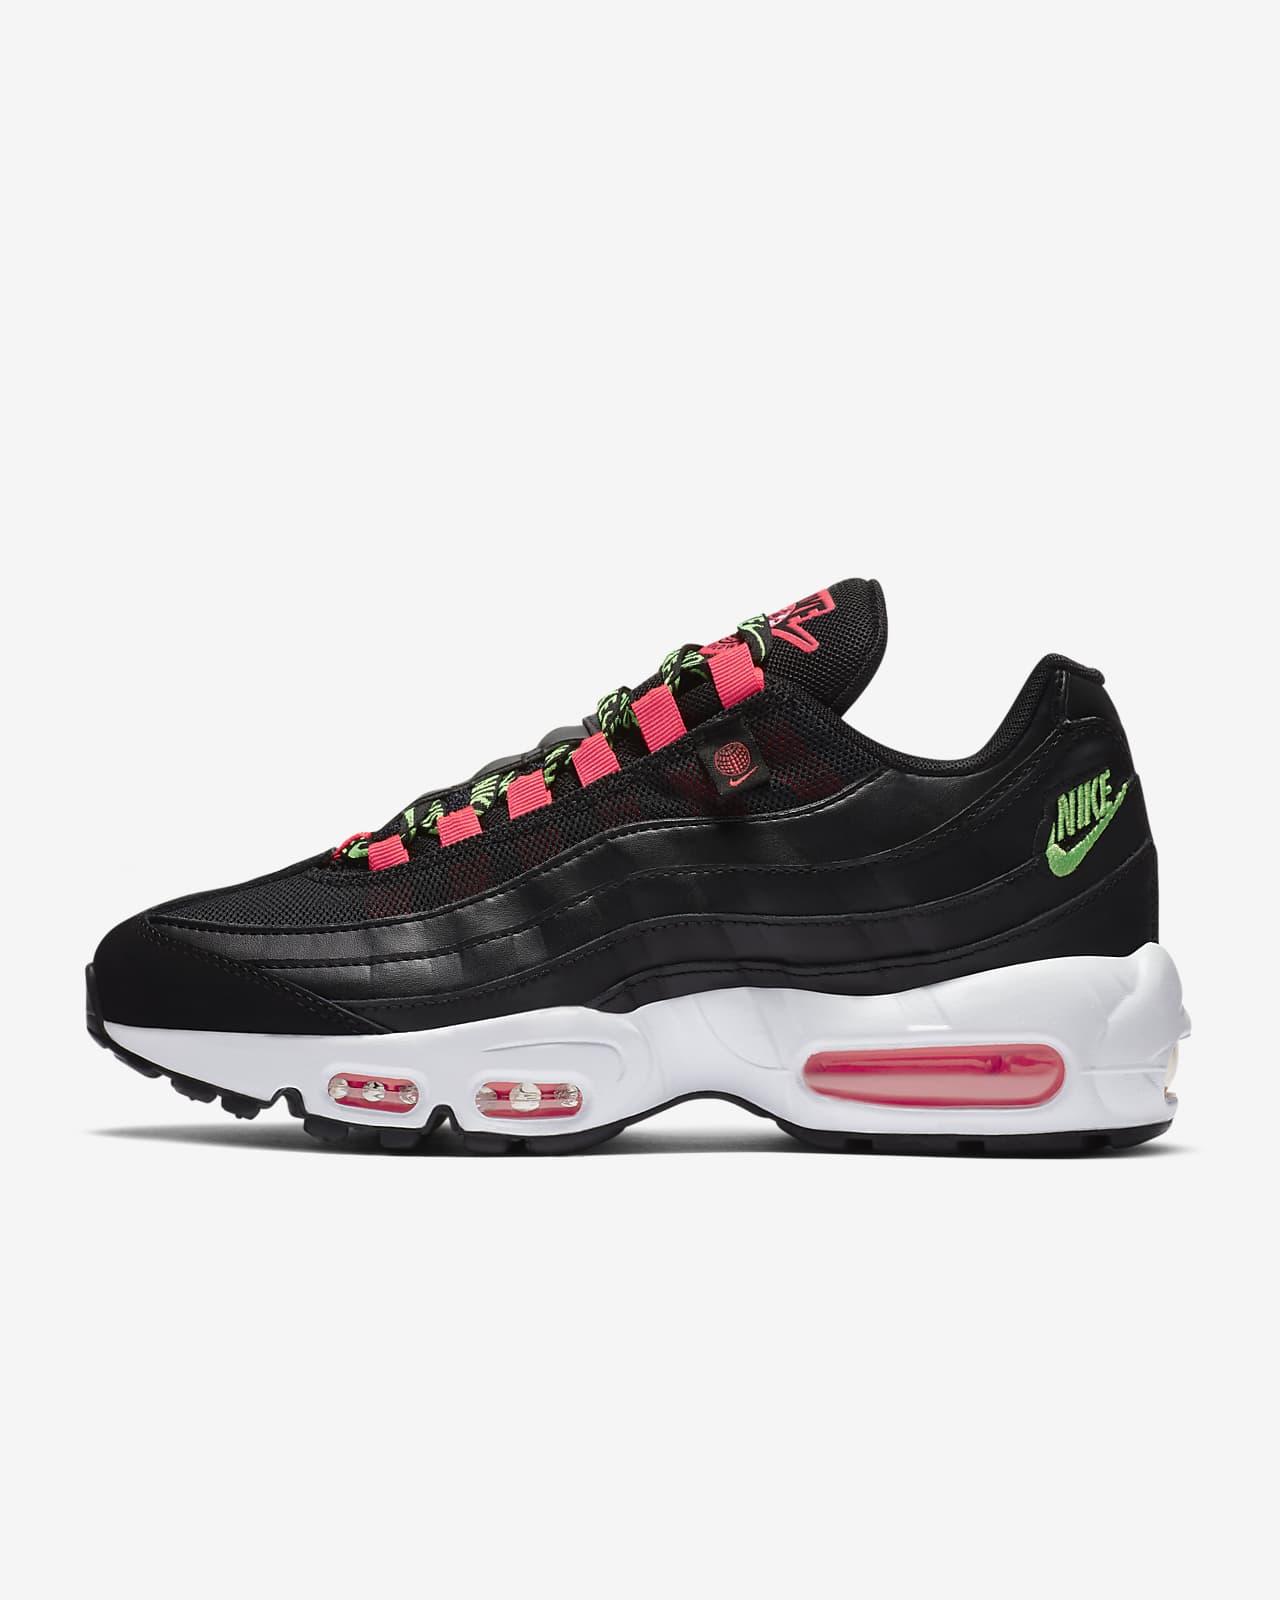 Sko Nike Air Max 95 SE för kvinnor